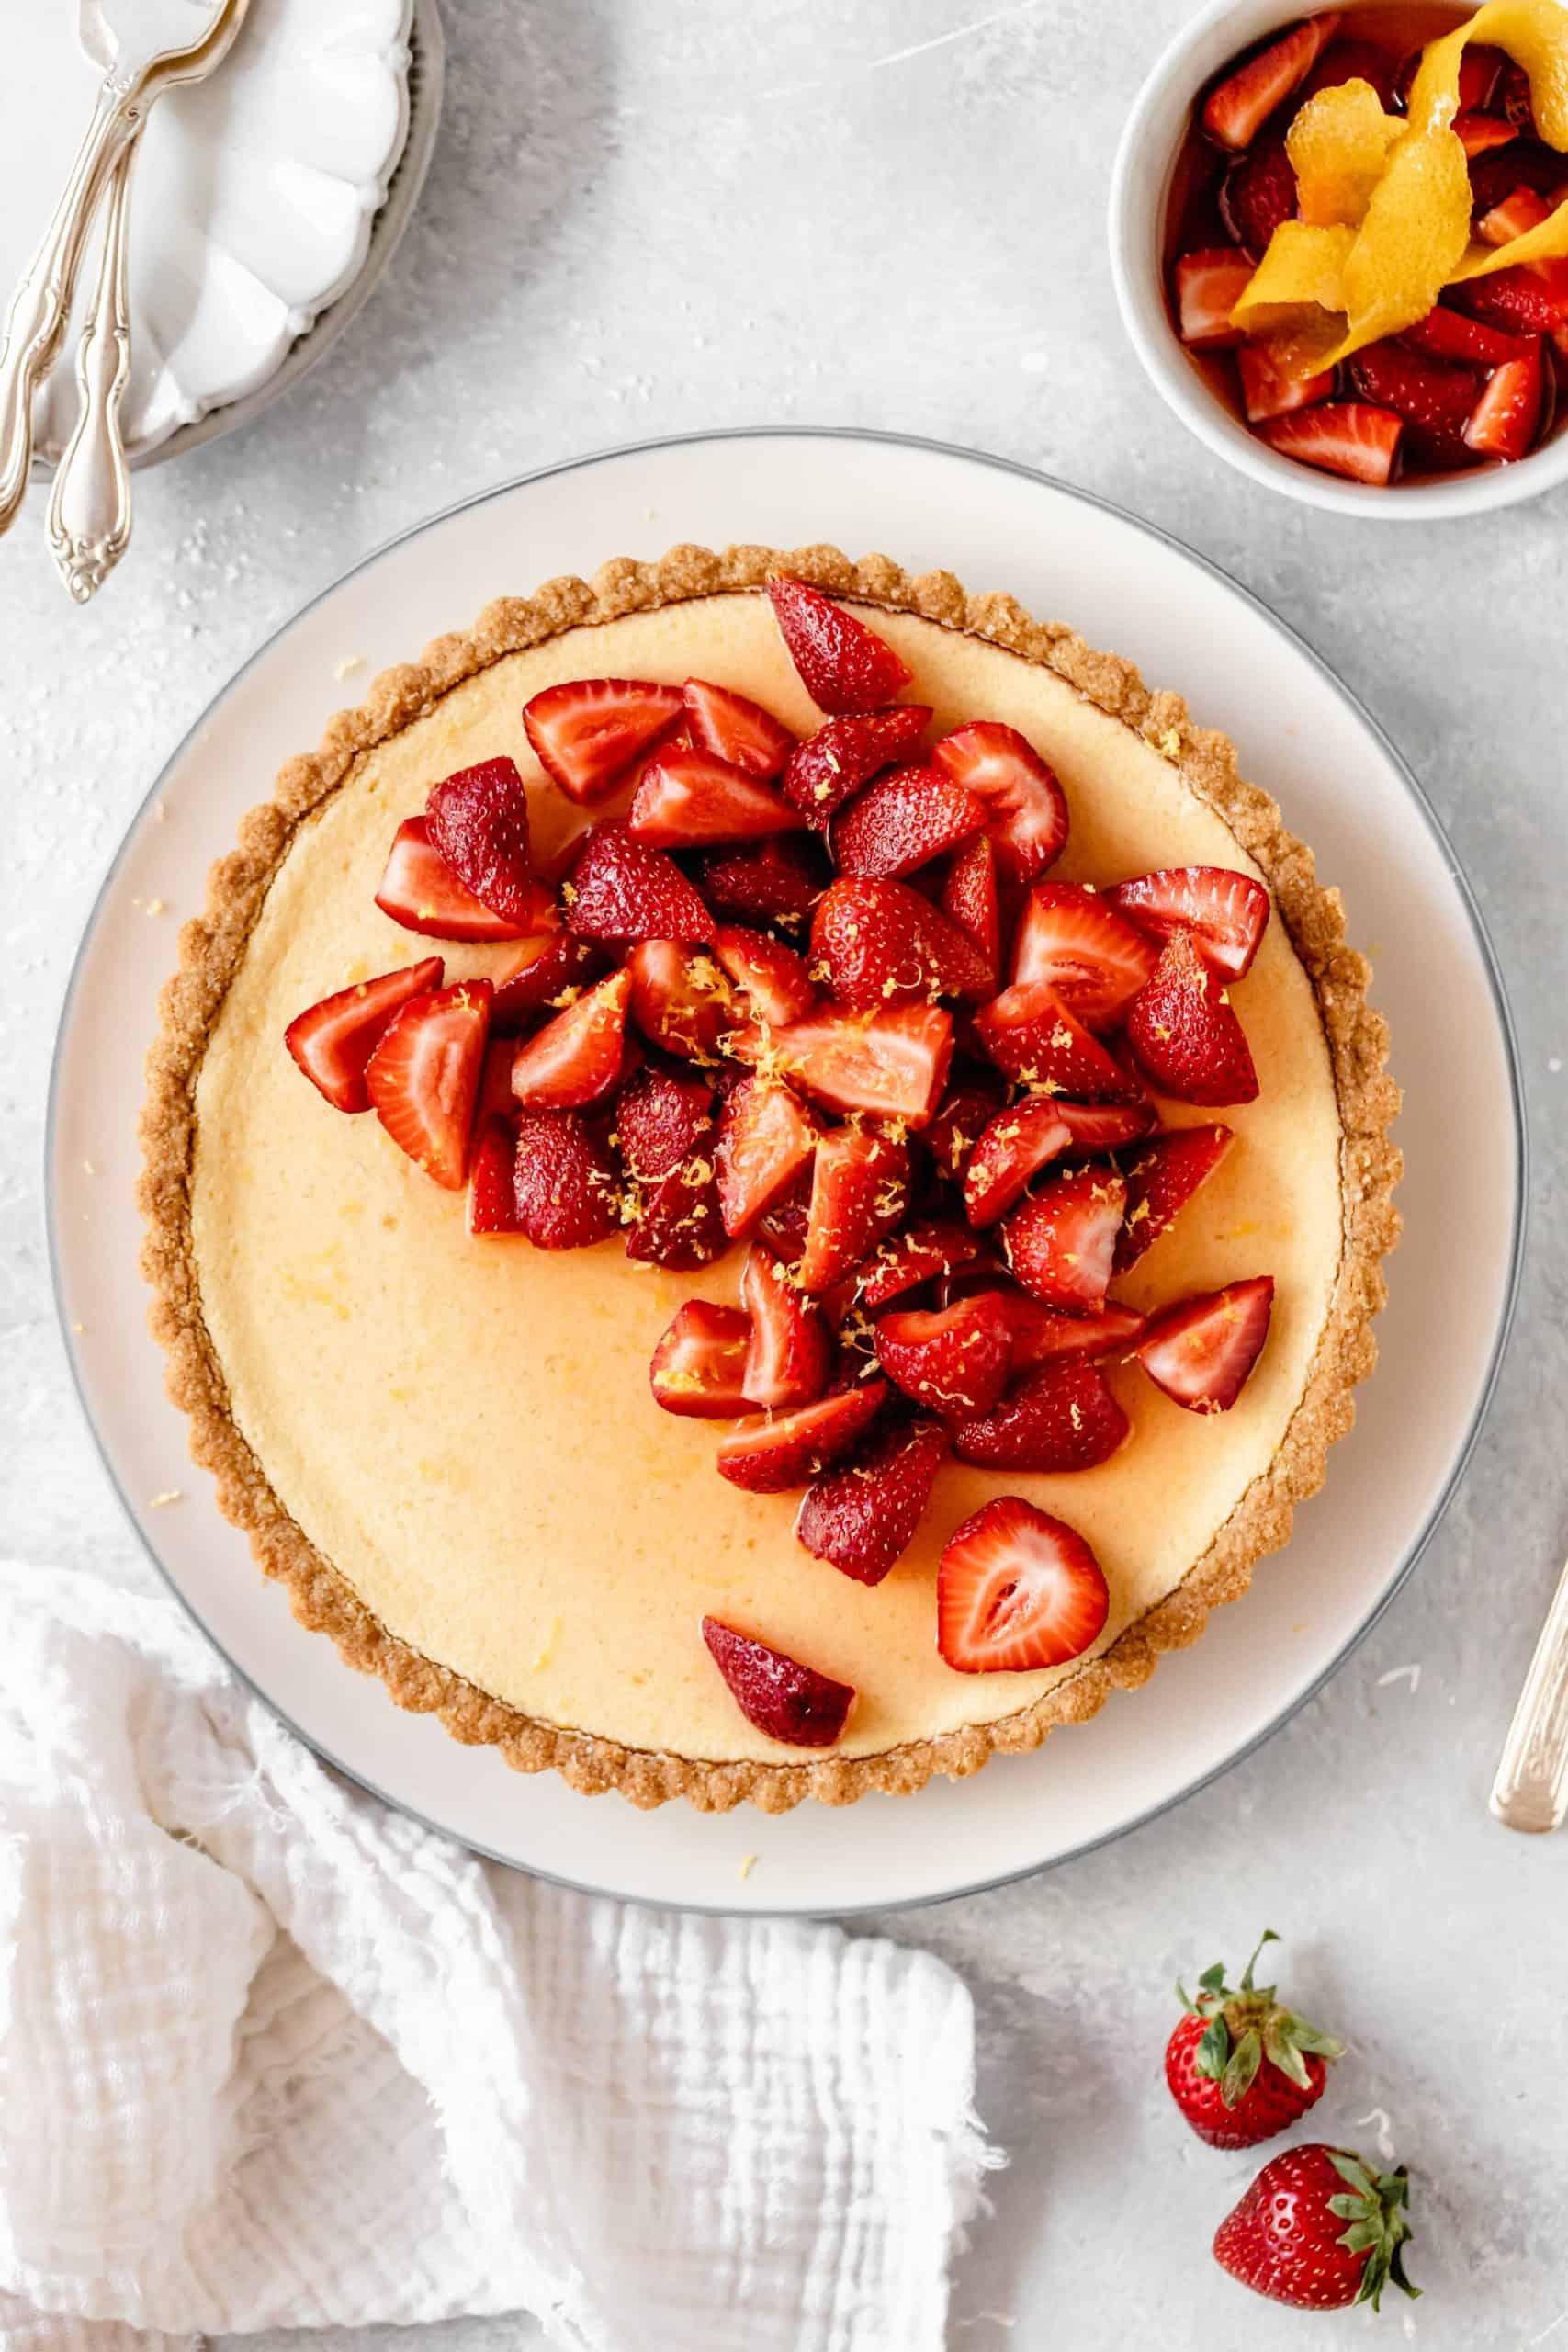 lemon tart topped with strawberries